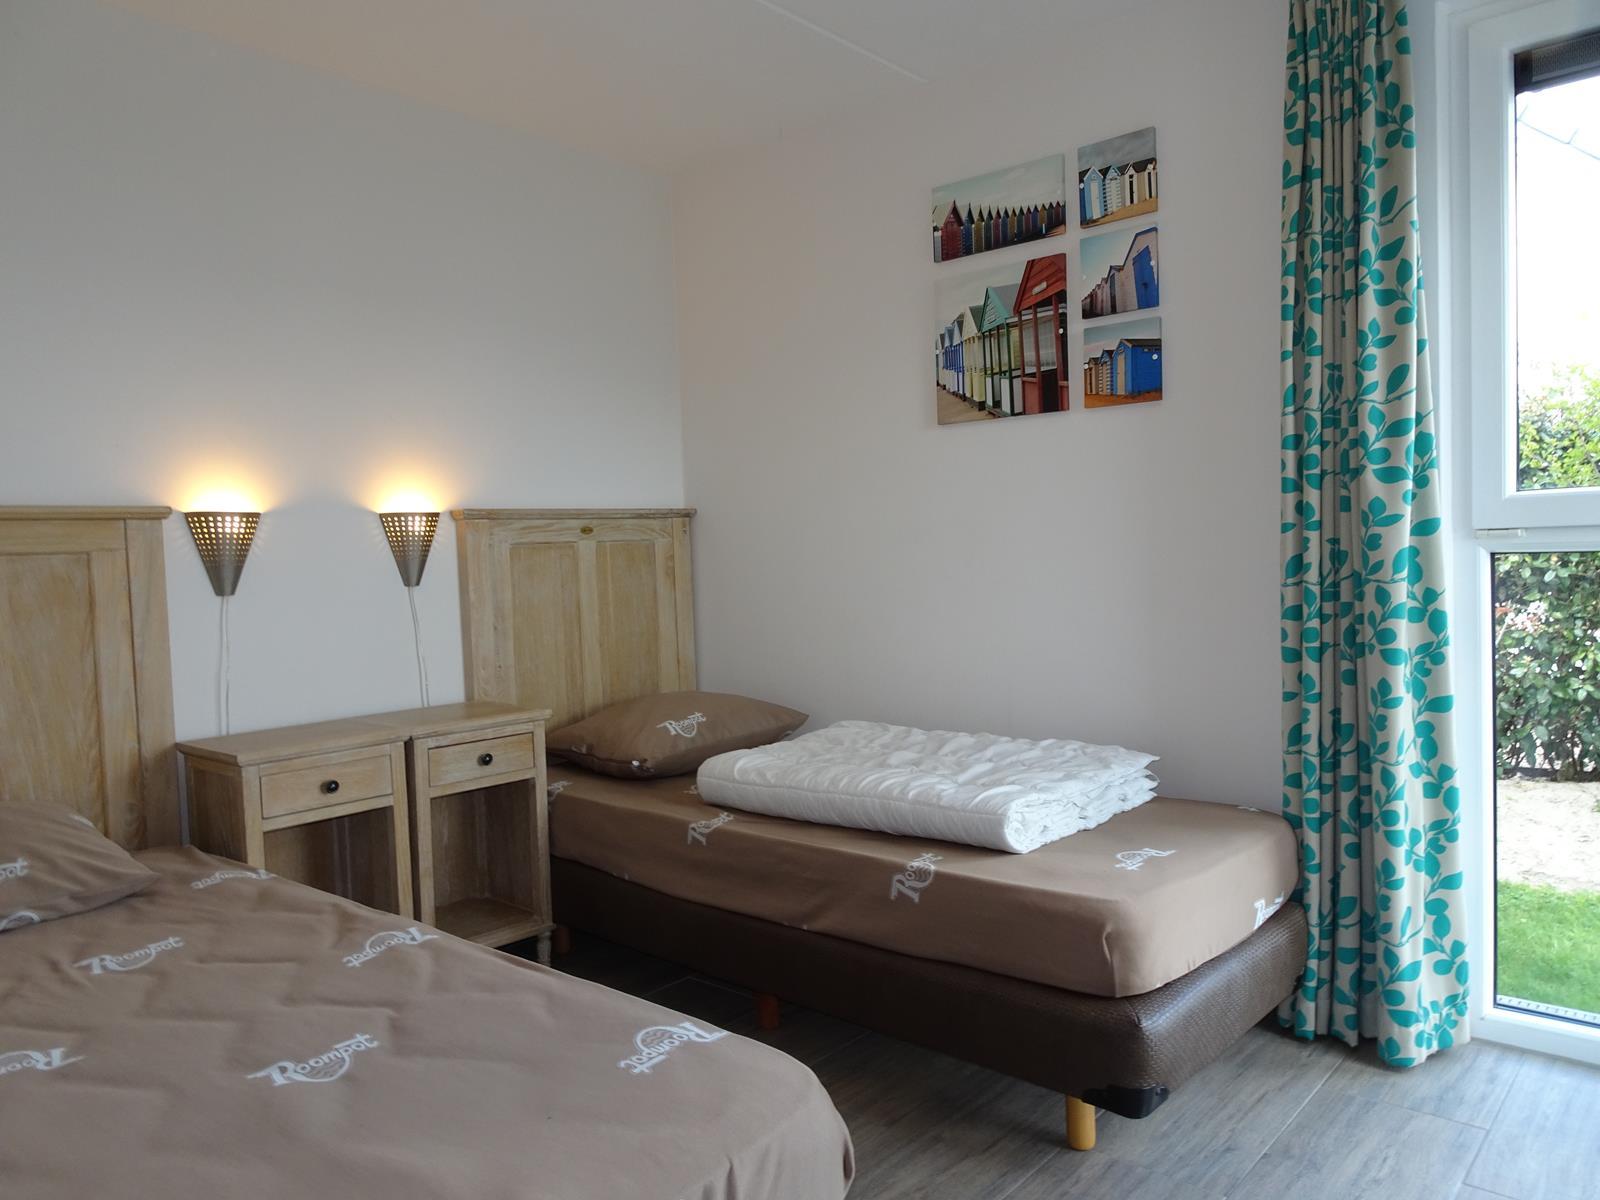 Vakantiehuis te koop Ouddorp Zuid-Holland VB23 021.jpg